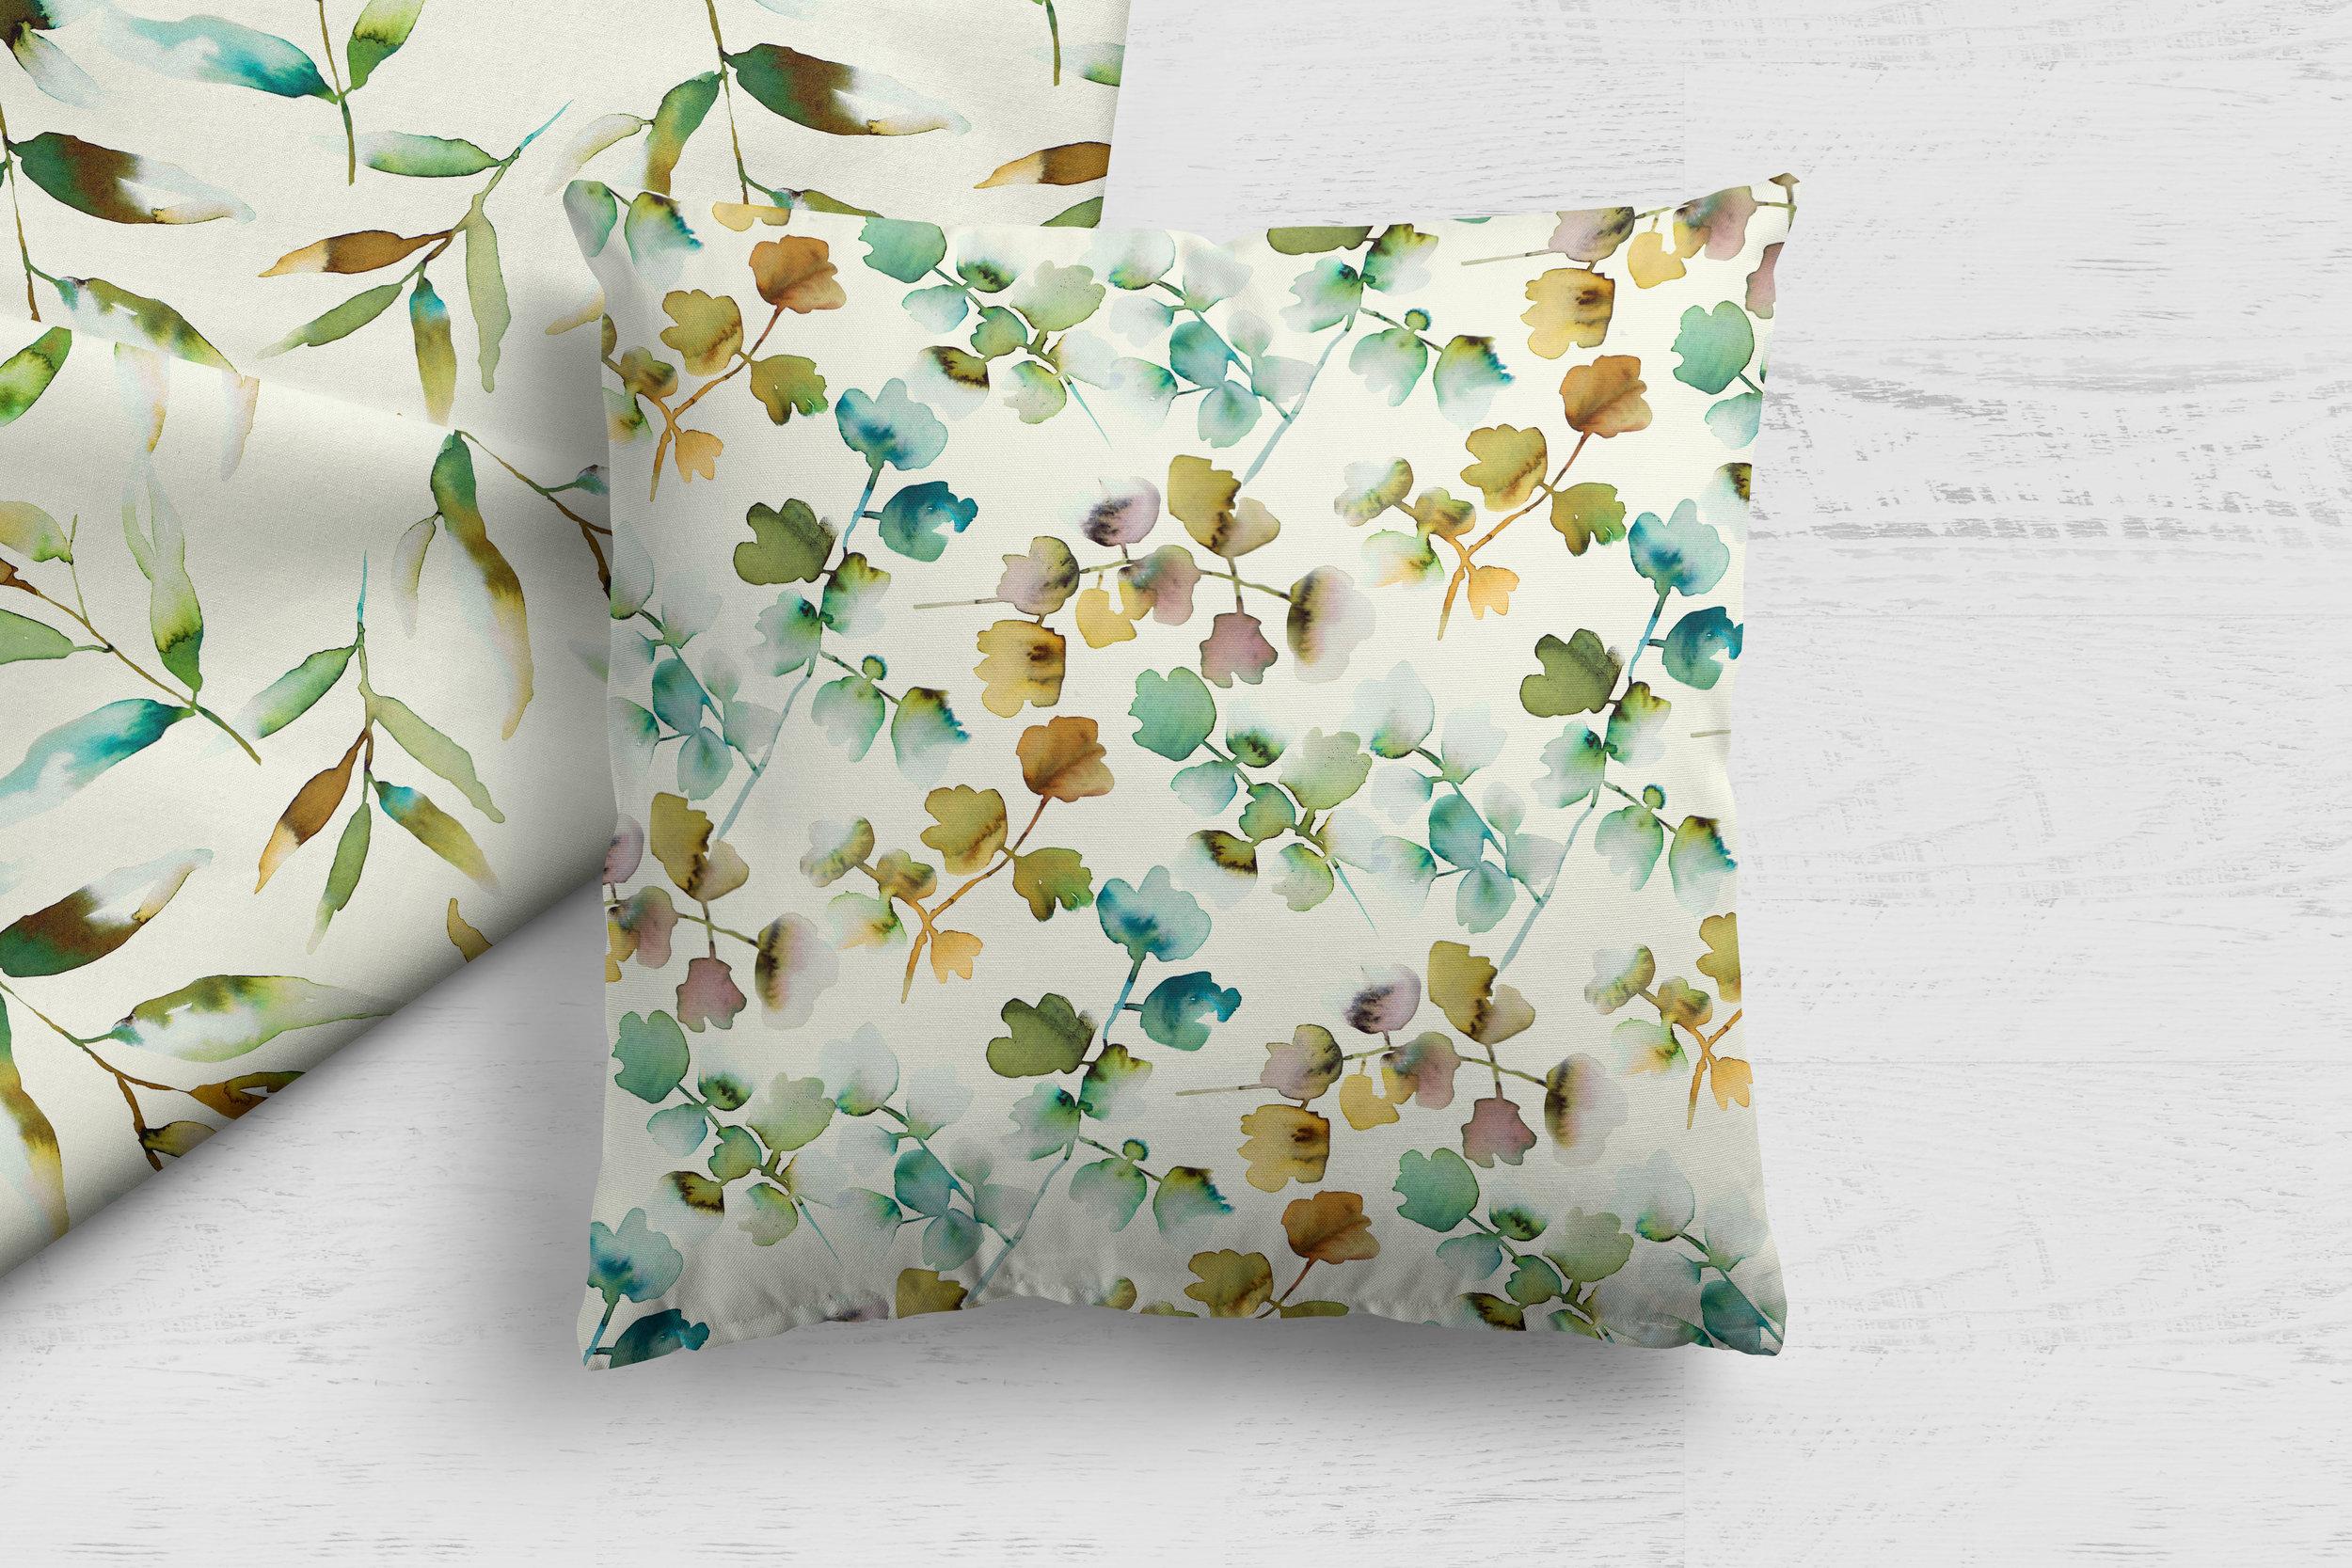 Karina_Petersen_botanical_pillow_mockup.jpg